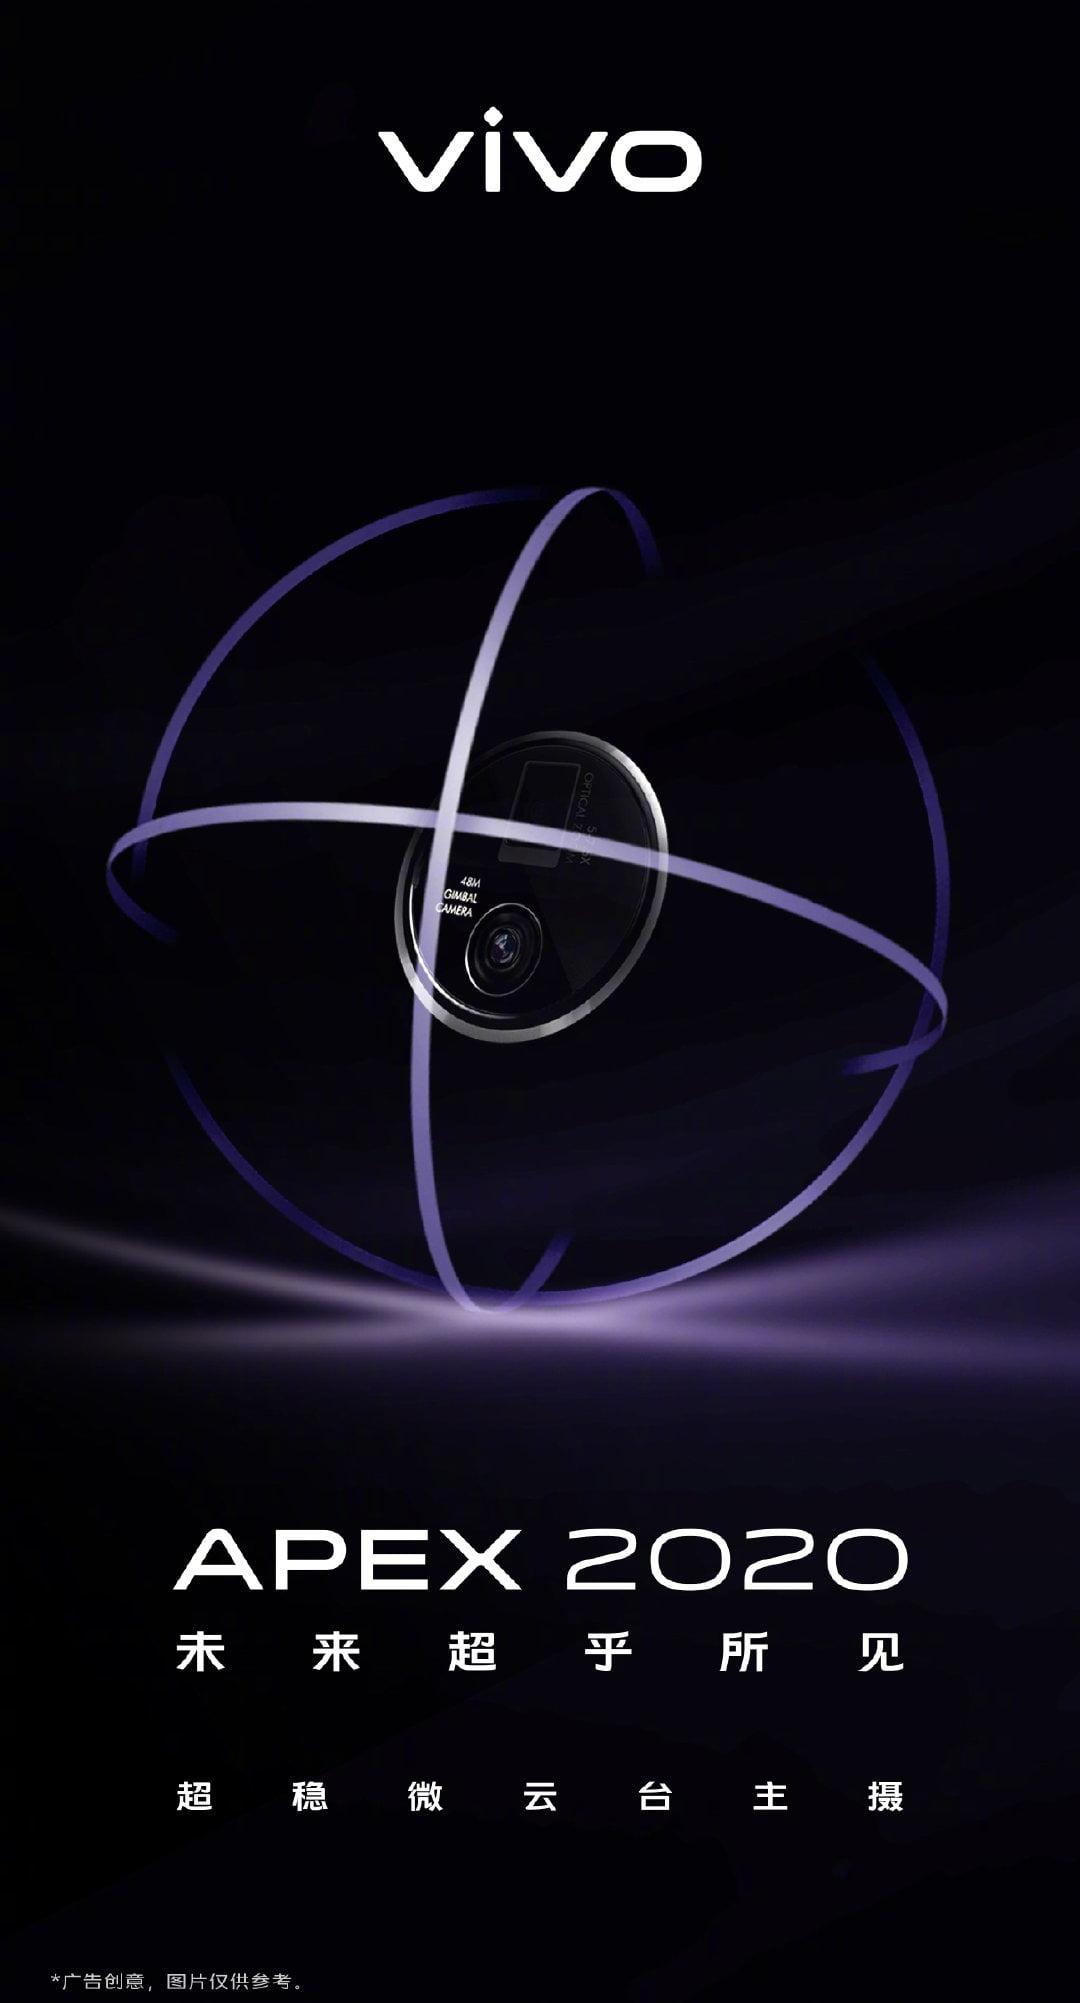 Vivo APEX 2020